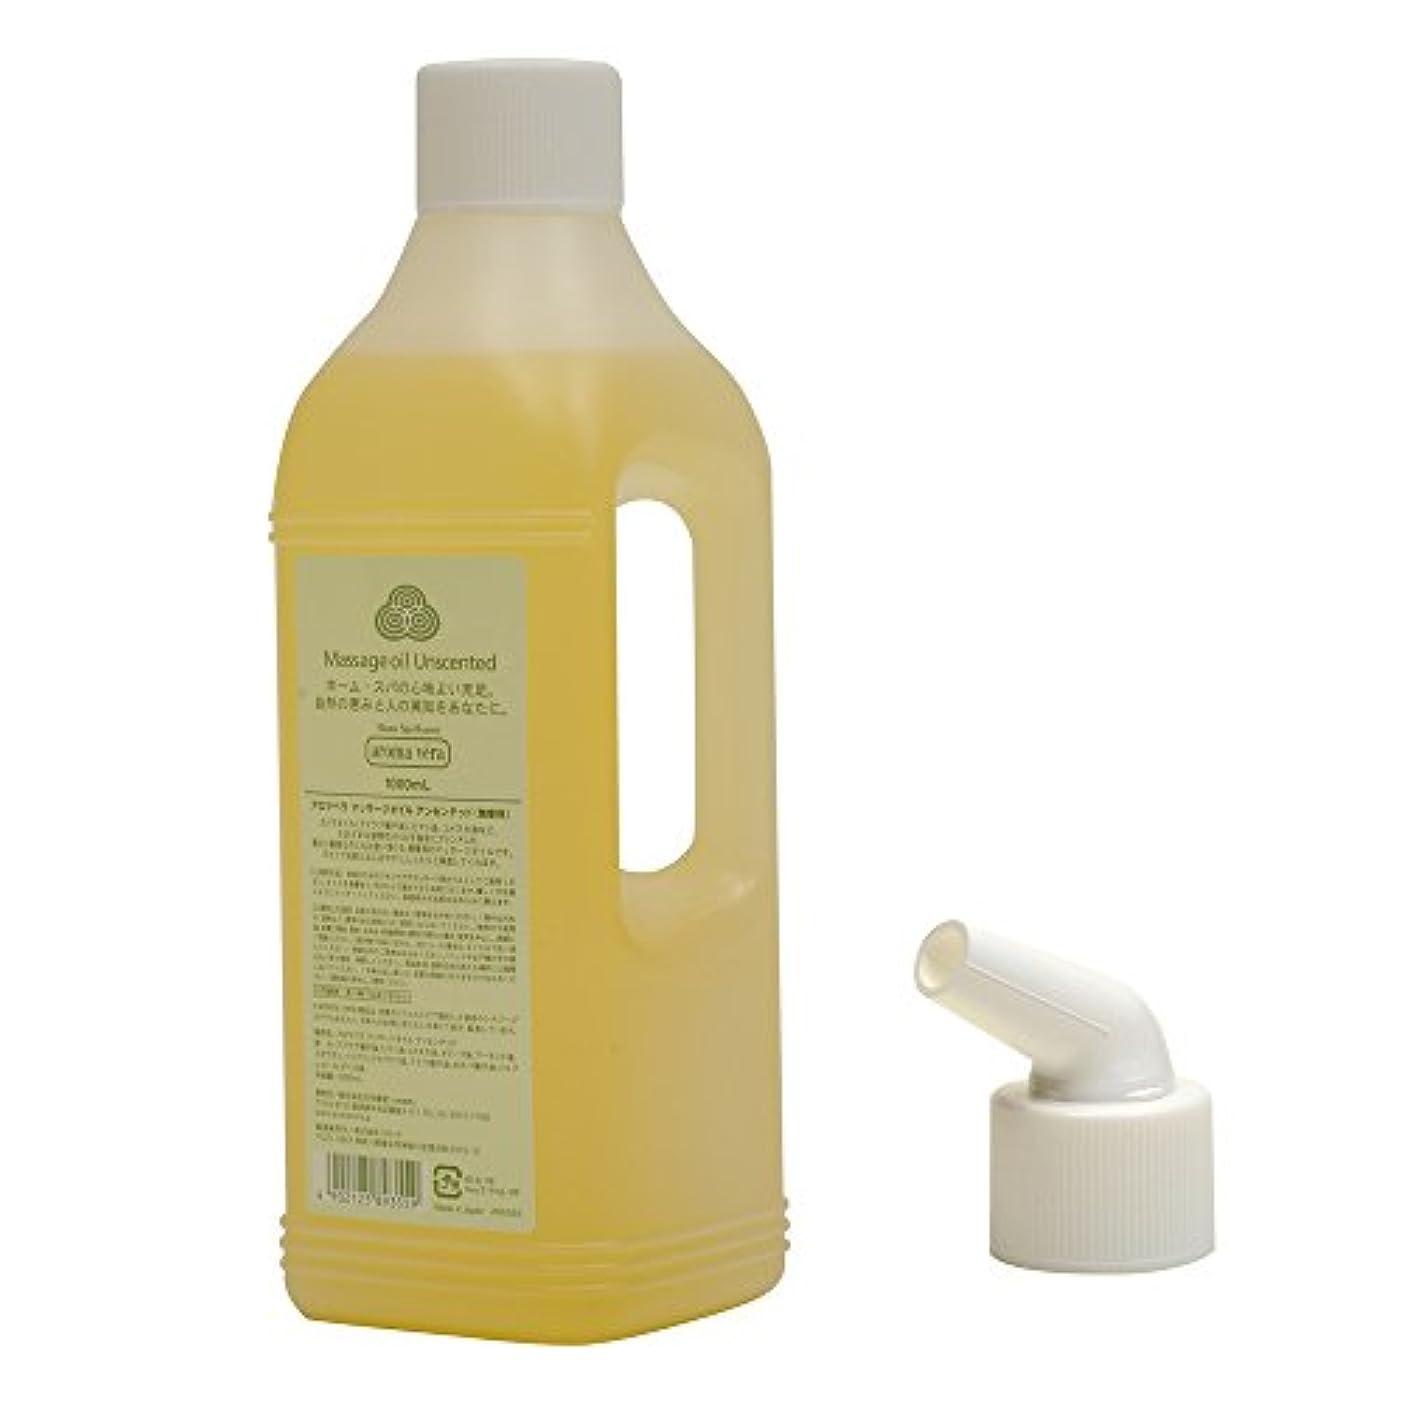 損傷化学薬品水陸両用アロマベラ マッサージオイル アンセンテッド 1000ml (顔 体用オイル)